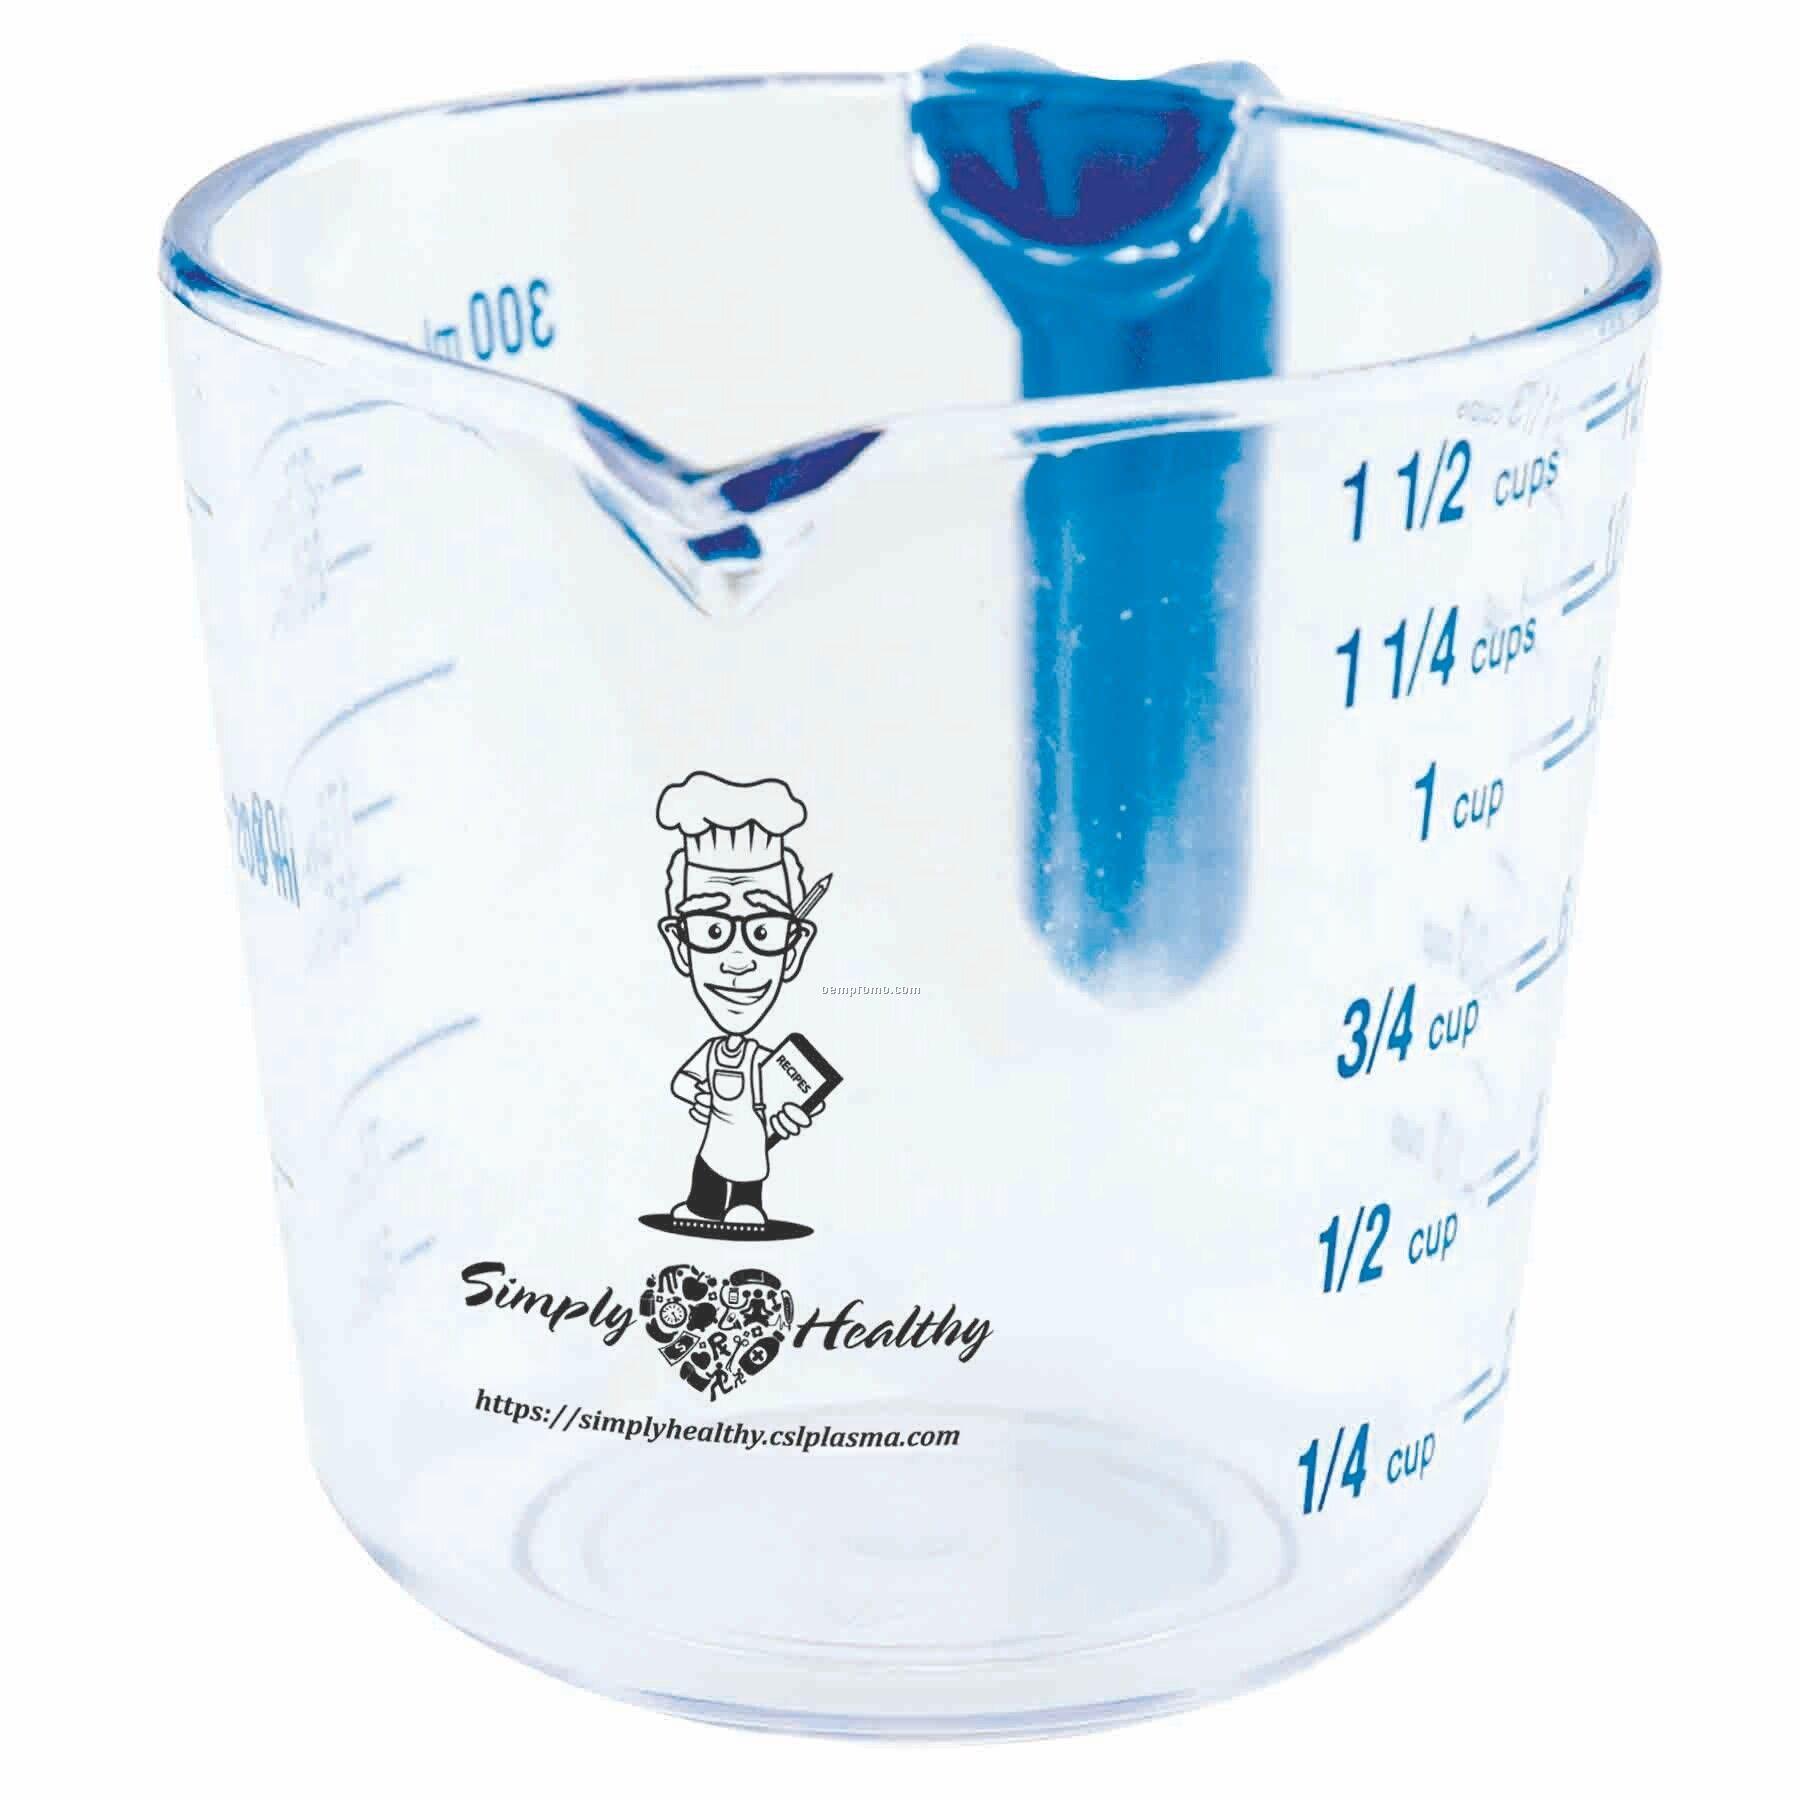 12 Oz Measuring Cup